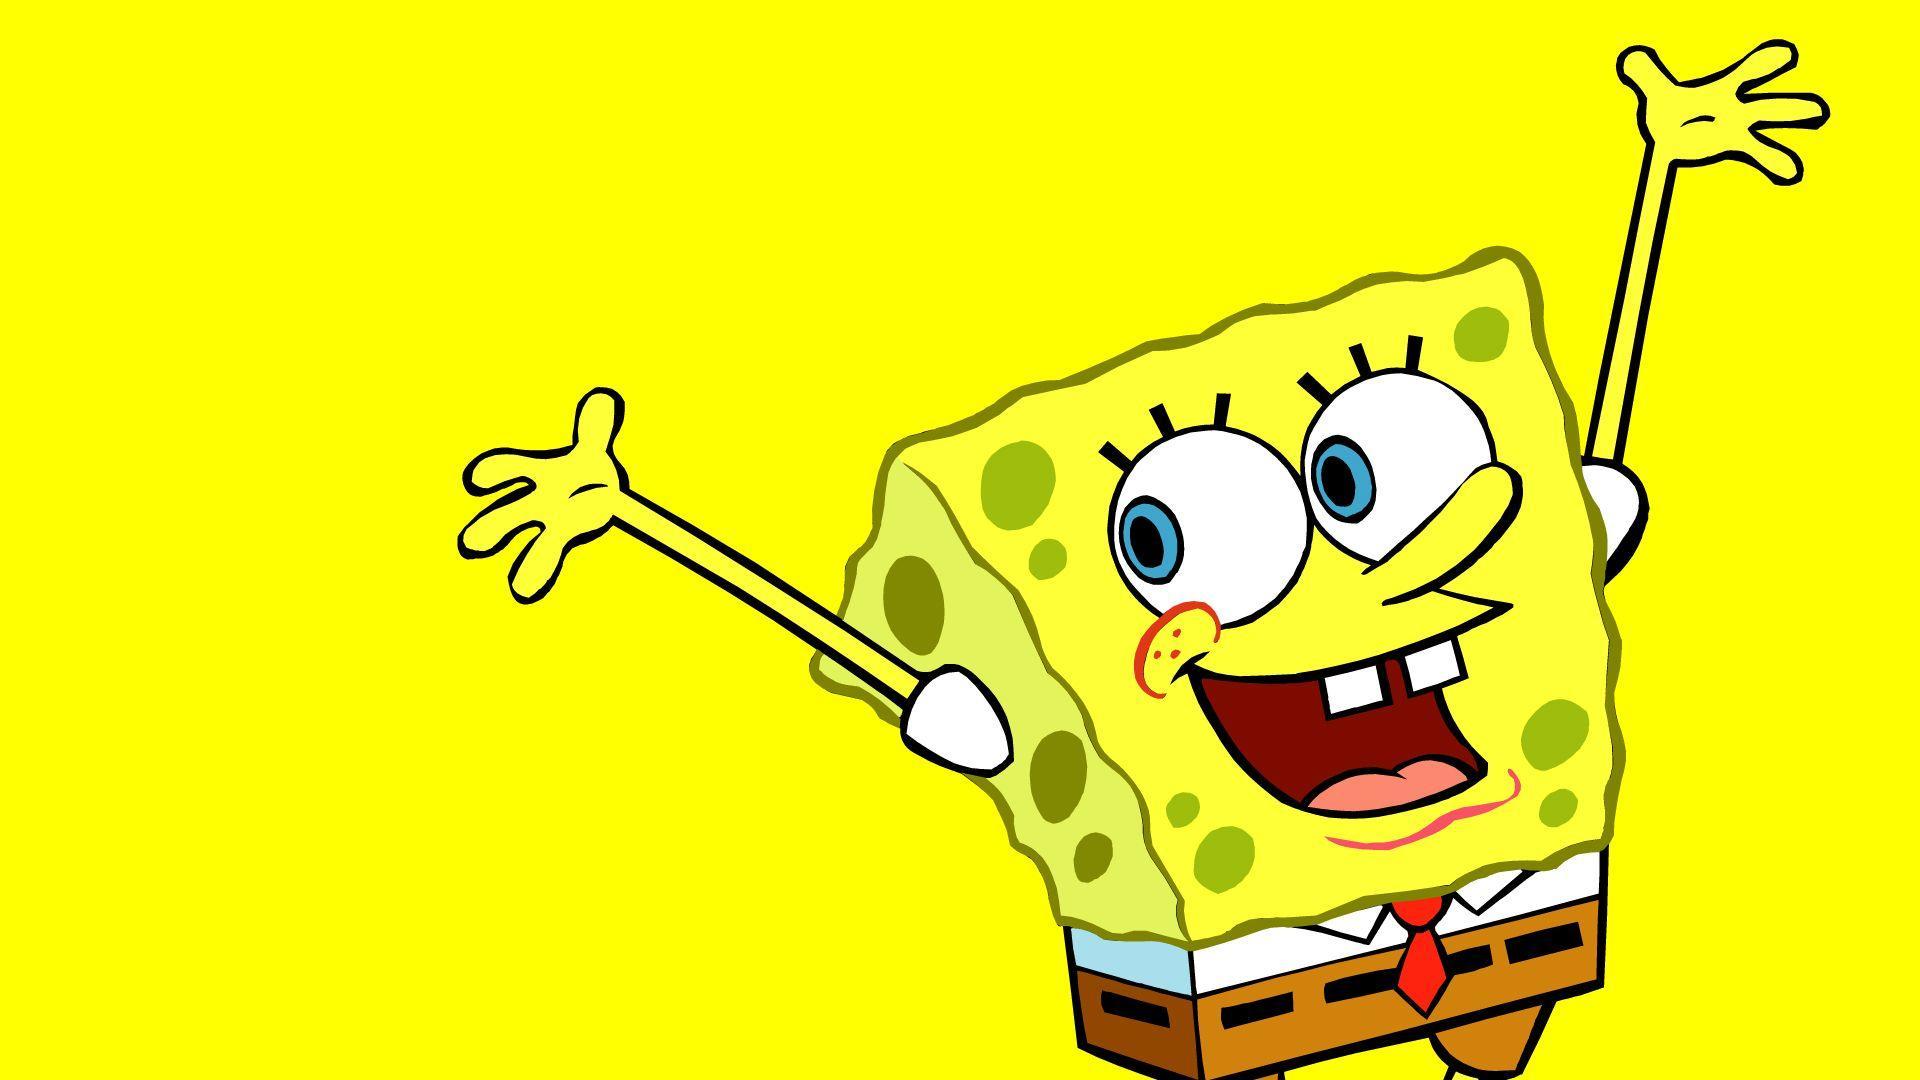 1920x1080 SpongeBob Hình nền 12 - Nhận Hình nền HD Miễn phí